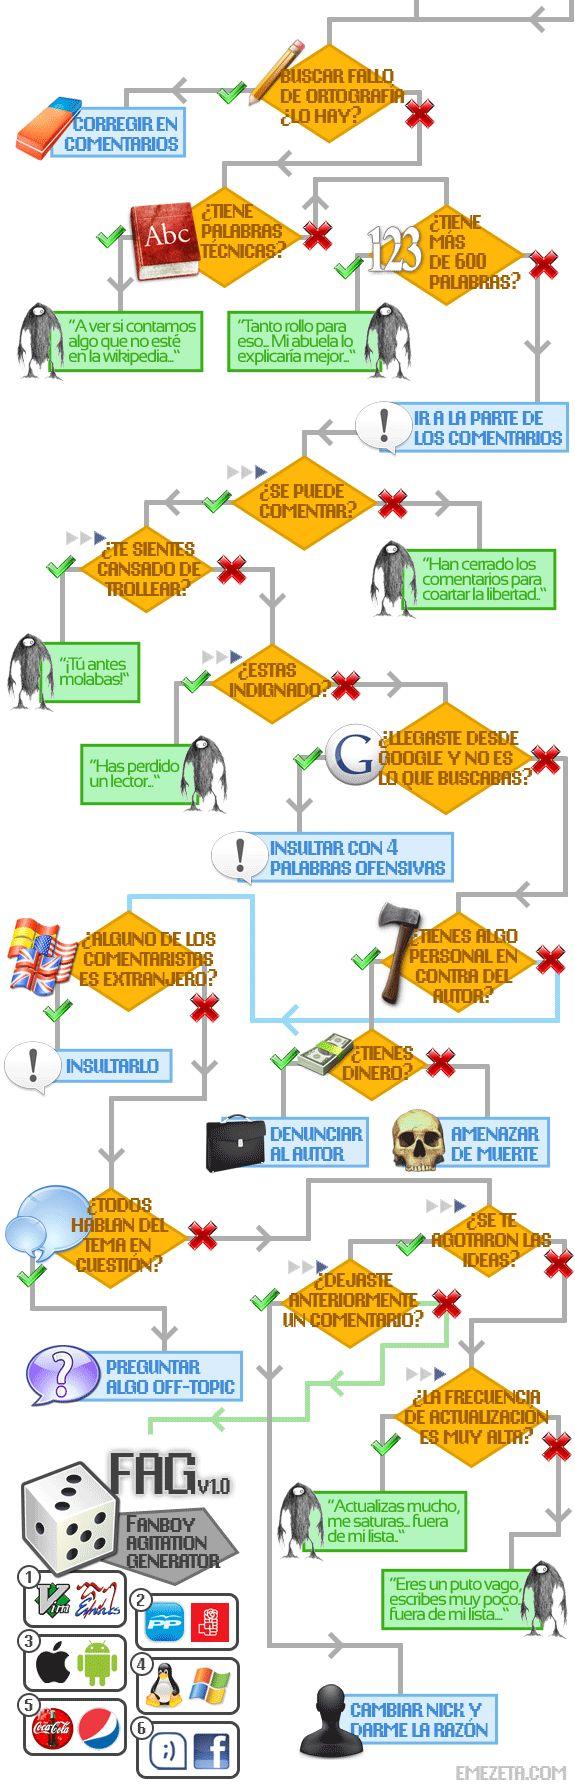 Diagrama de flujo del troll de internet.